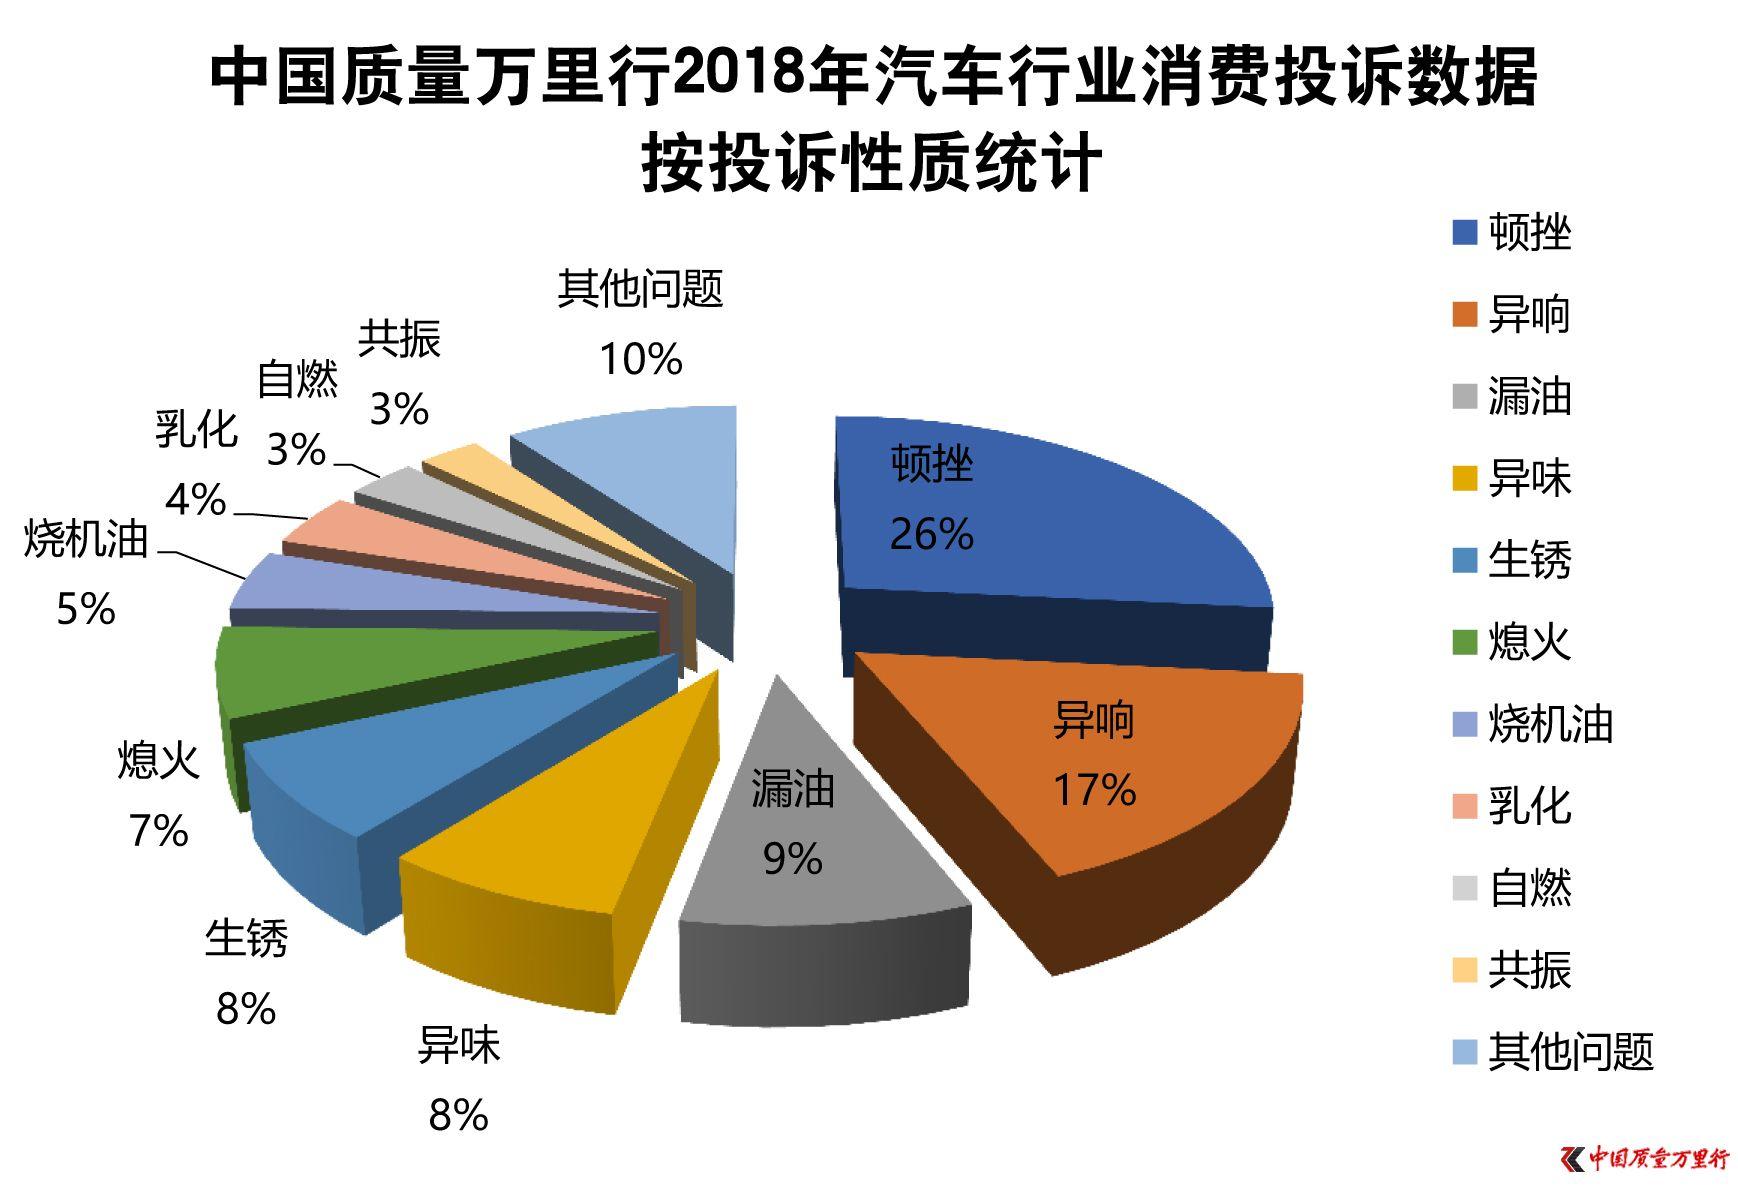 中国质量万里行2018年度汽车行业投诉分析报告